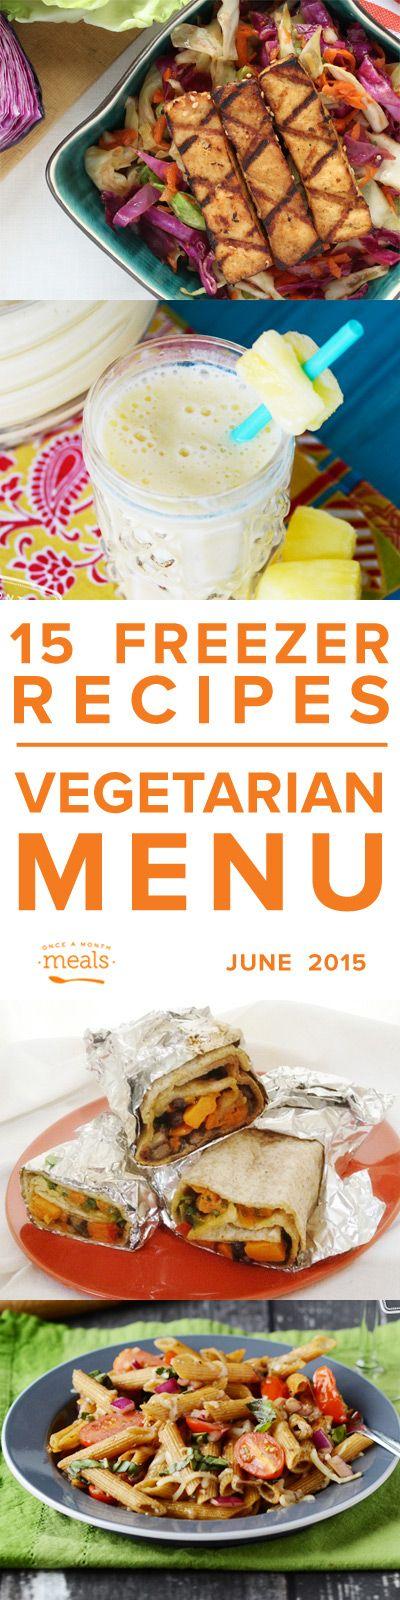 Vegetarian Menu June 2015   Once a Month Meals   OAMM   Freezer Meals   Freezer Cooking   Menu Planning   Custom Menus